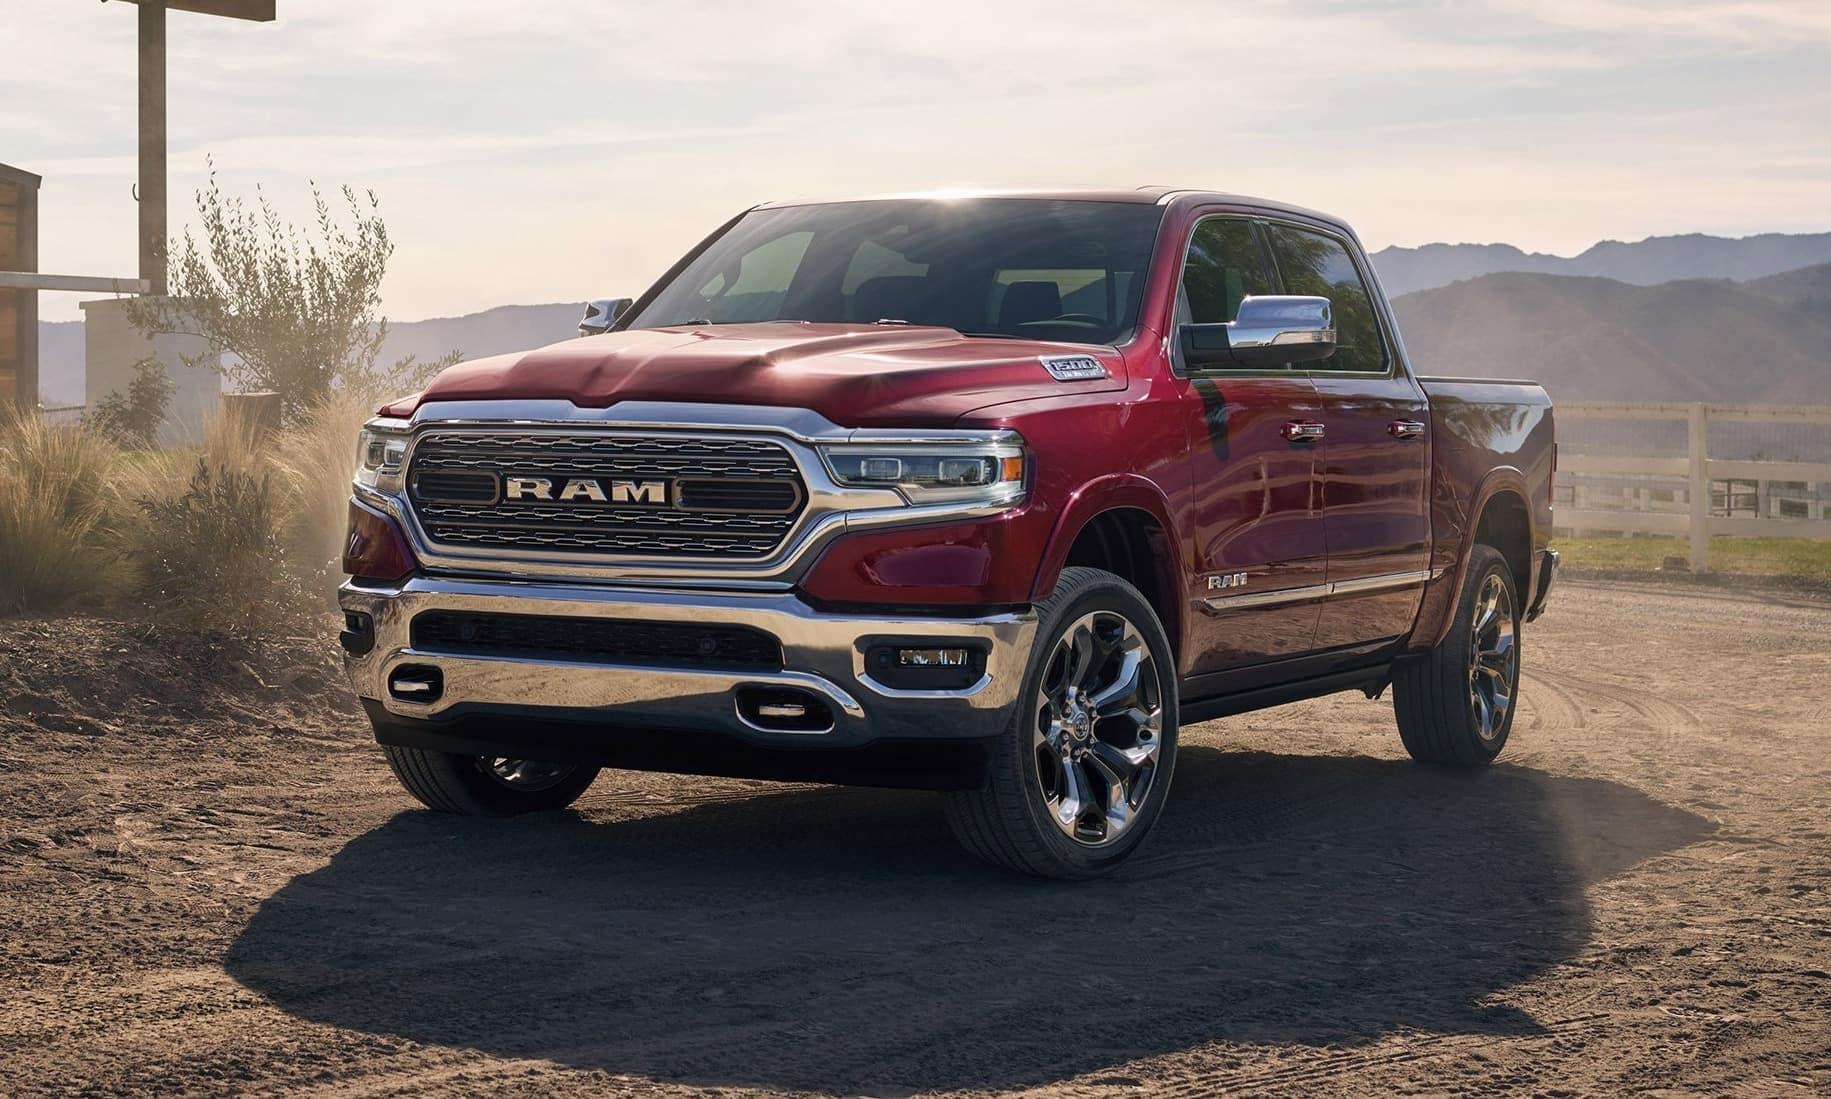 2019 Ram 1500 in desert